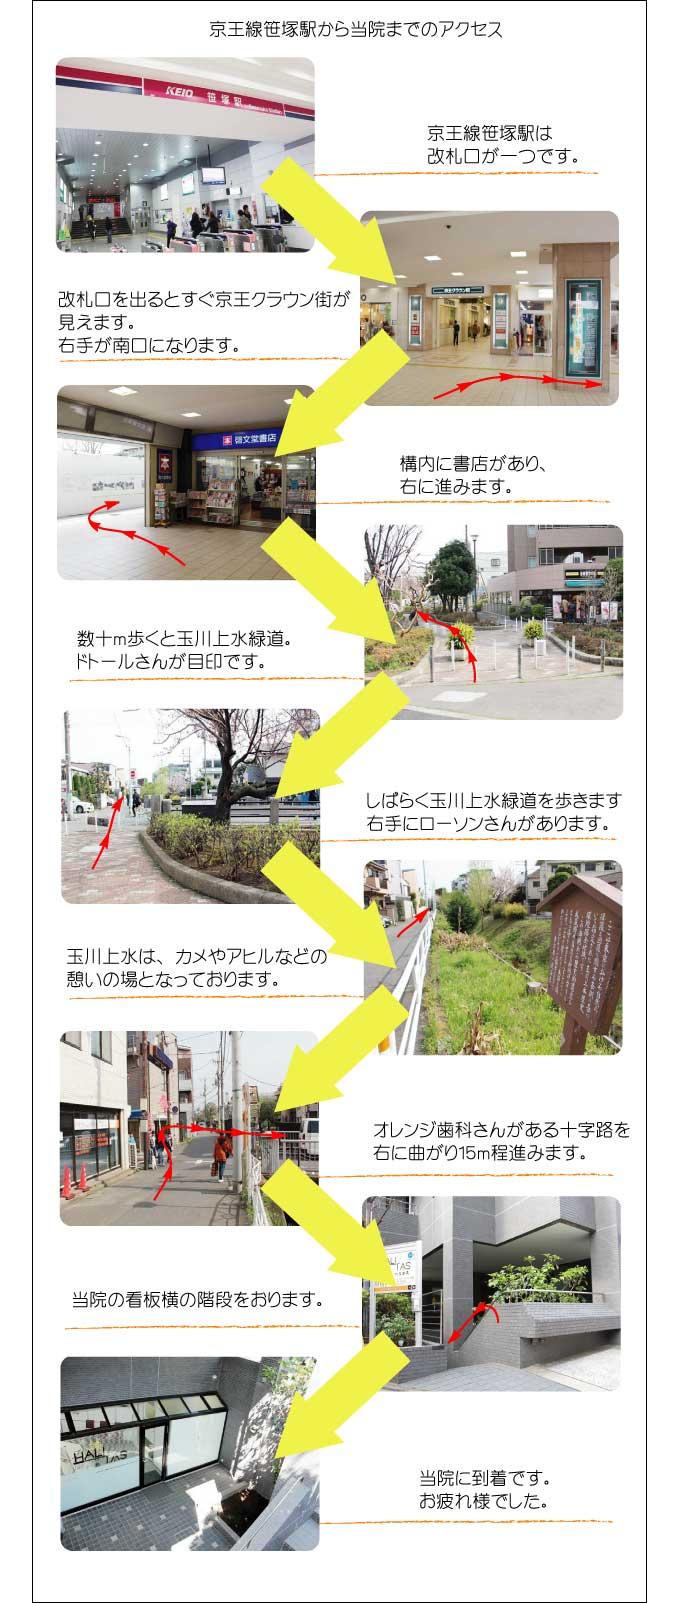 京王線笹塚駅より鍼灸整体ハリタスまでの行き方(詳細版)